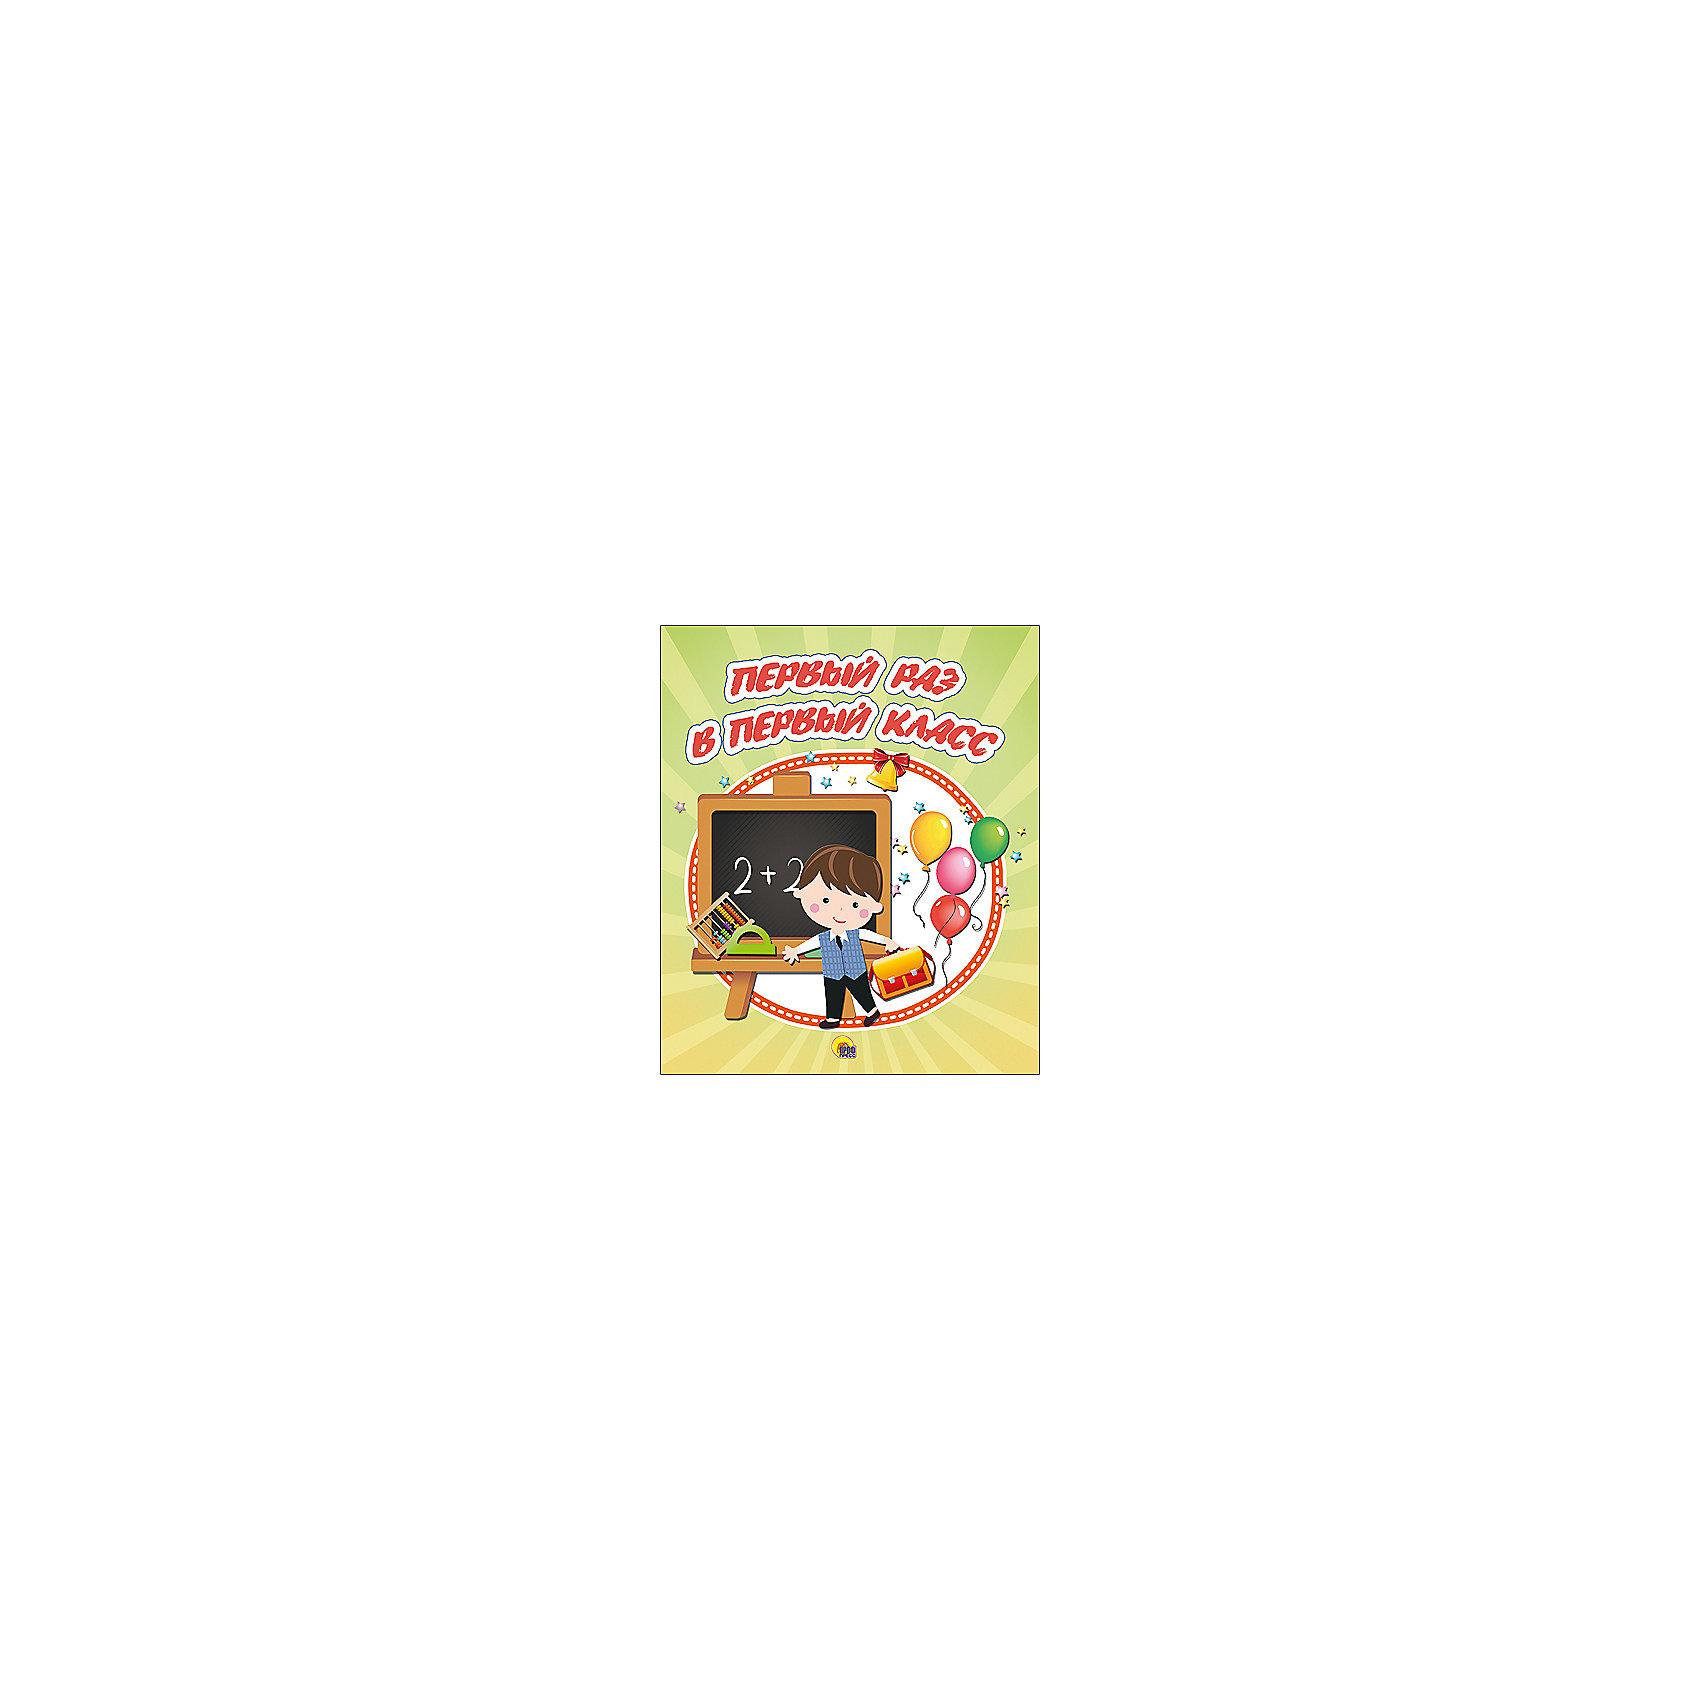 Альбом для фото Первый раз в первый классПервый раз в первый класс - восхитительный альбом для фото, с помощью которого ребенок сможет сохранить самые забавные и приятные школьные воспоминания. В альбоме есть специальные рамочки для фотографий и дополнительные странички для комментариев.  С таким замечательным альбомом ребенок всегда будет вспоминать о школе с радостью!<br>Дополнительная информация:<br>Издательство: Проф-Пресс<br>Год выпуска: 2016<br>Обложка: твердый переплет<br>Иллюстрации: цветные<br>Количество страниц: 48<br>ISBN:978-5-378-25181-0<br>Размер: 21,5х0,8х23 см<br>Вес: 370 грамм<br>Альбом Первый раз в первый класс можно приобрести в нашем интернет-магазине.<br><br>Ширина мм: 230<br>Глубина мм: 8<br>Высота мм: 215<br>Вес г: 370<br>Возраст от месяцев: 0<br>Возраст до месяцев: 36<br>Пол: Унисекс<br>Возраст: Детский<br>SKU: 4905887